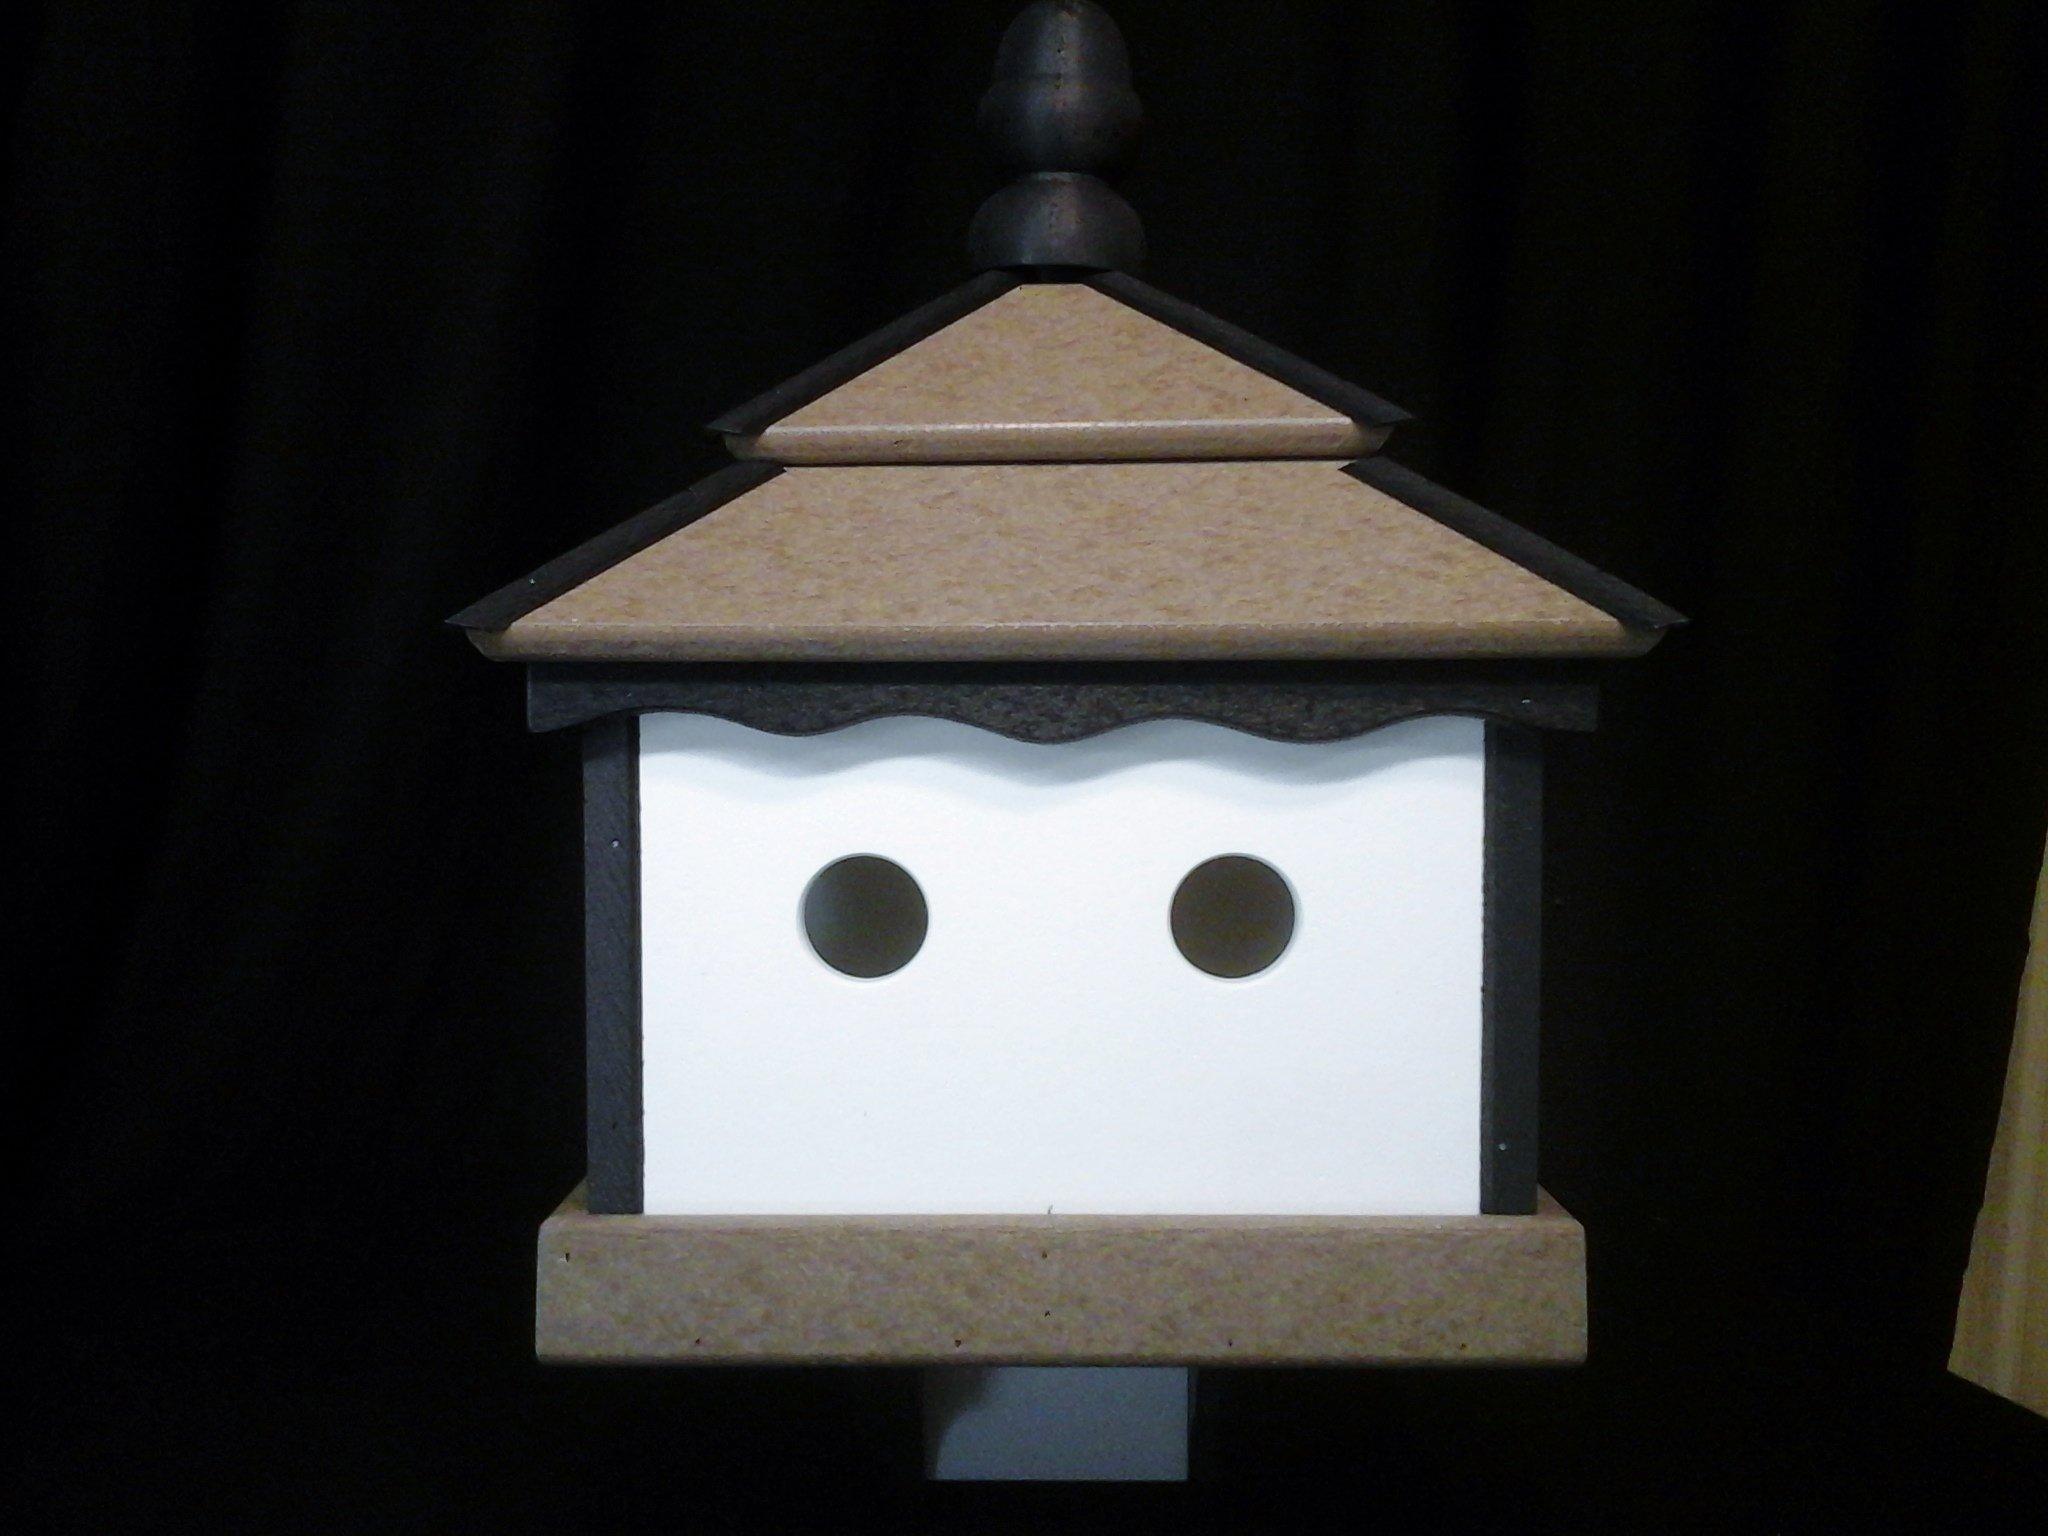 Square Poly Bird House Amish Gazebo Handcrafted Homemade Weatherwood-Black-White